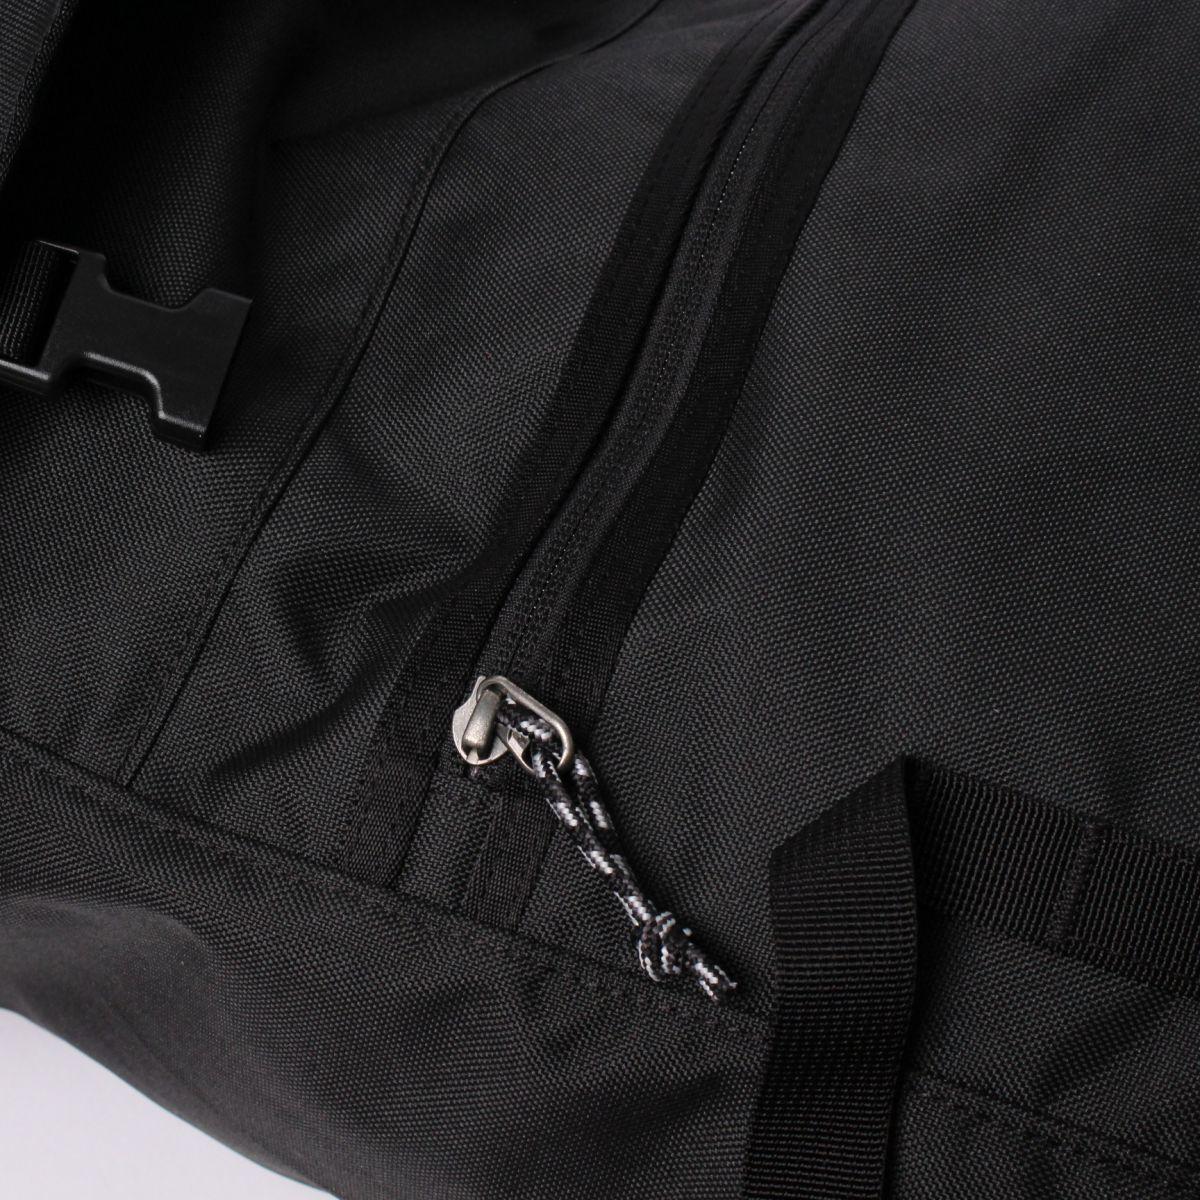 新品 未使用 正規品 pantagonia パタゴニア リュック 25L Arbor Classic Pack バックパック 鞄 デイパック ブラック キャンプ 登山 r015206_画像3